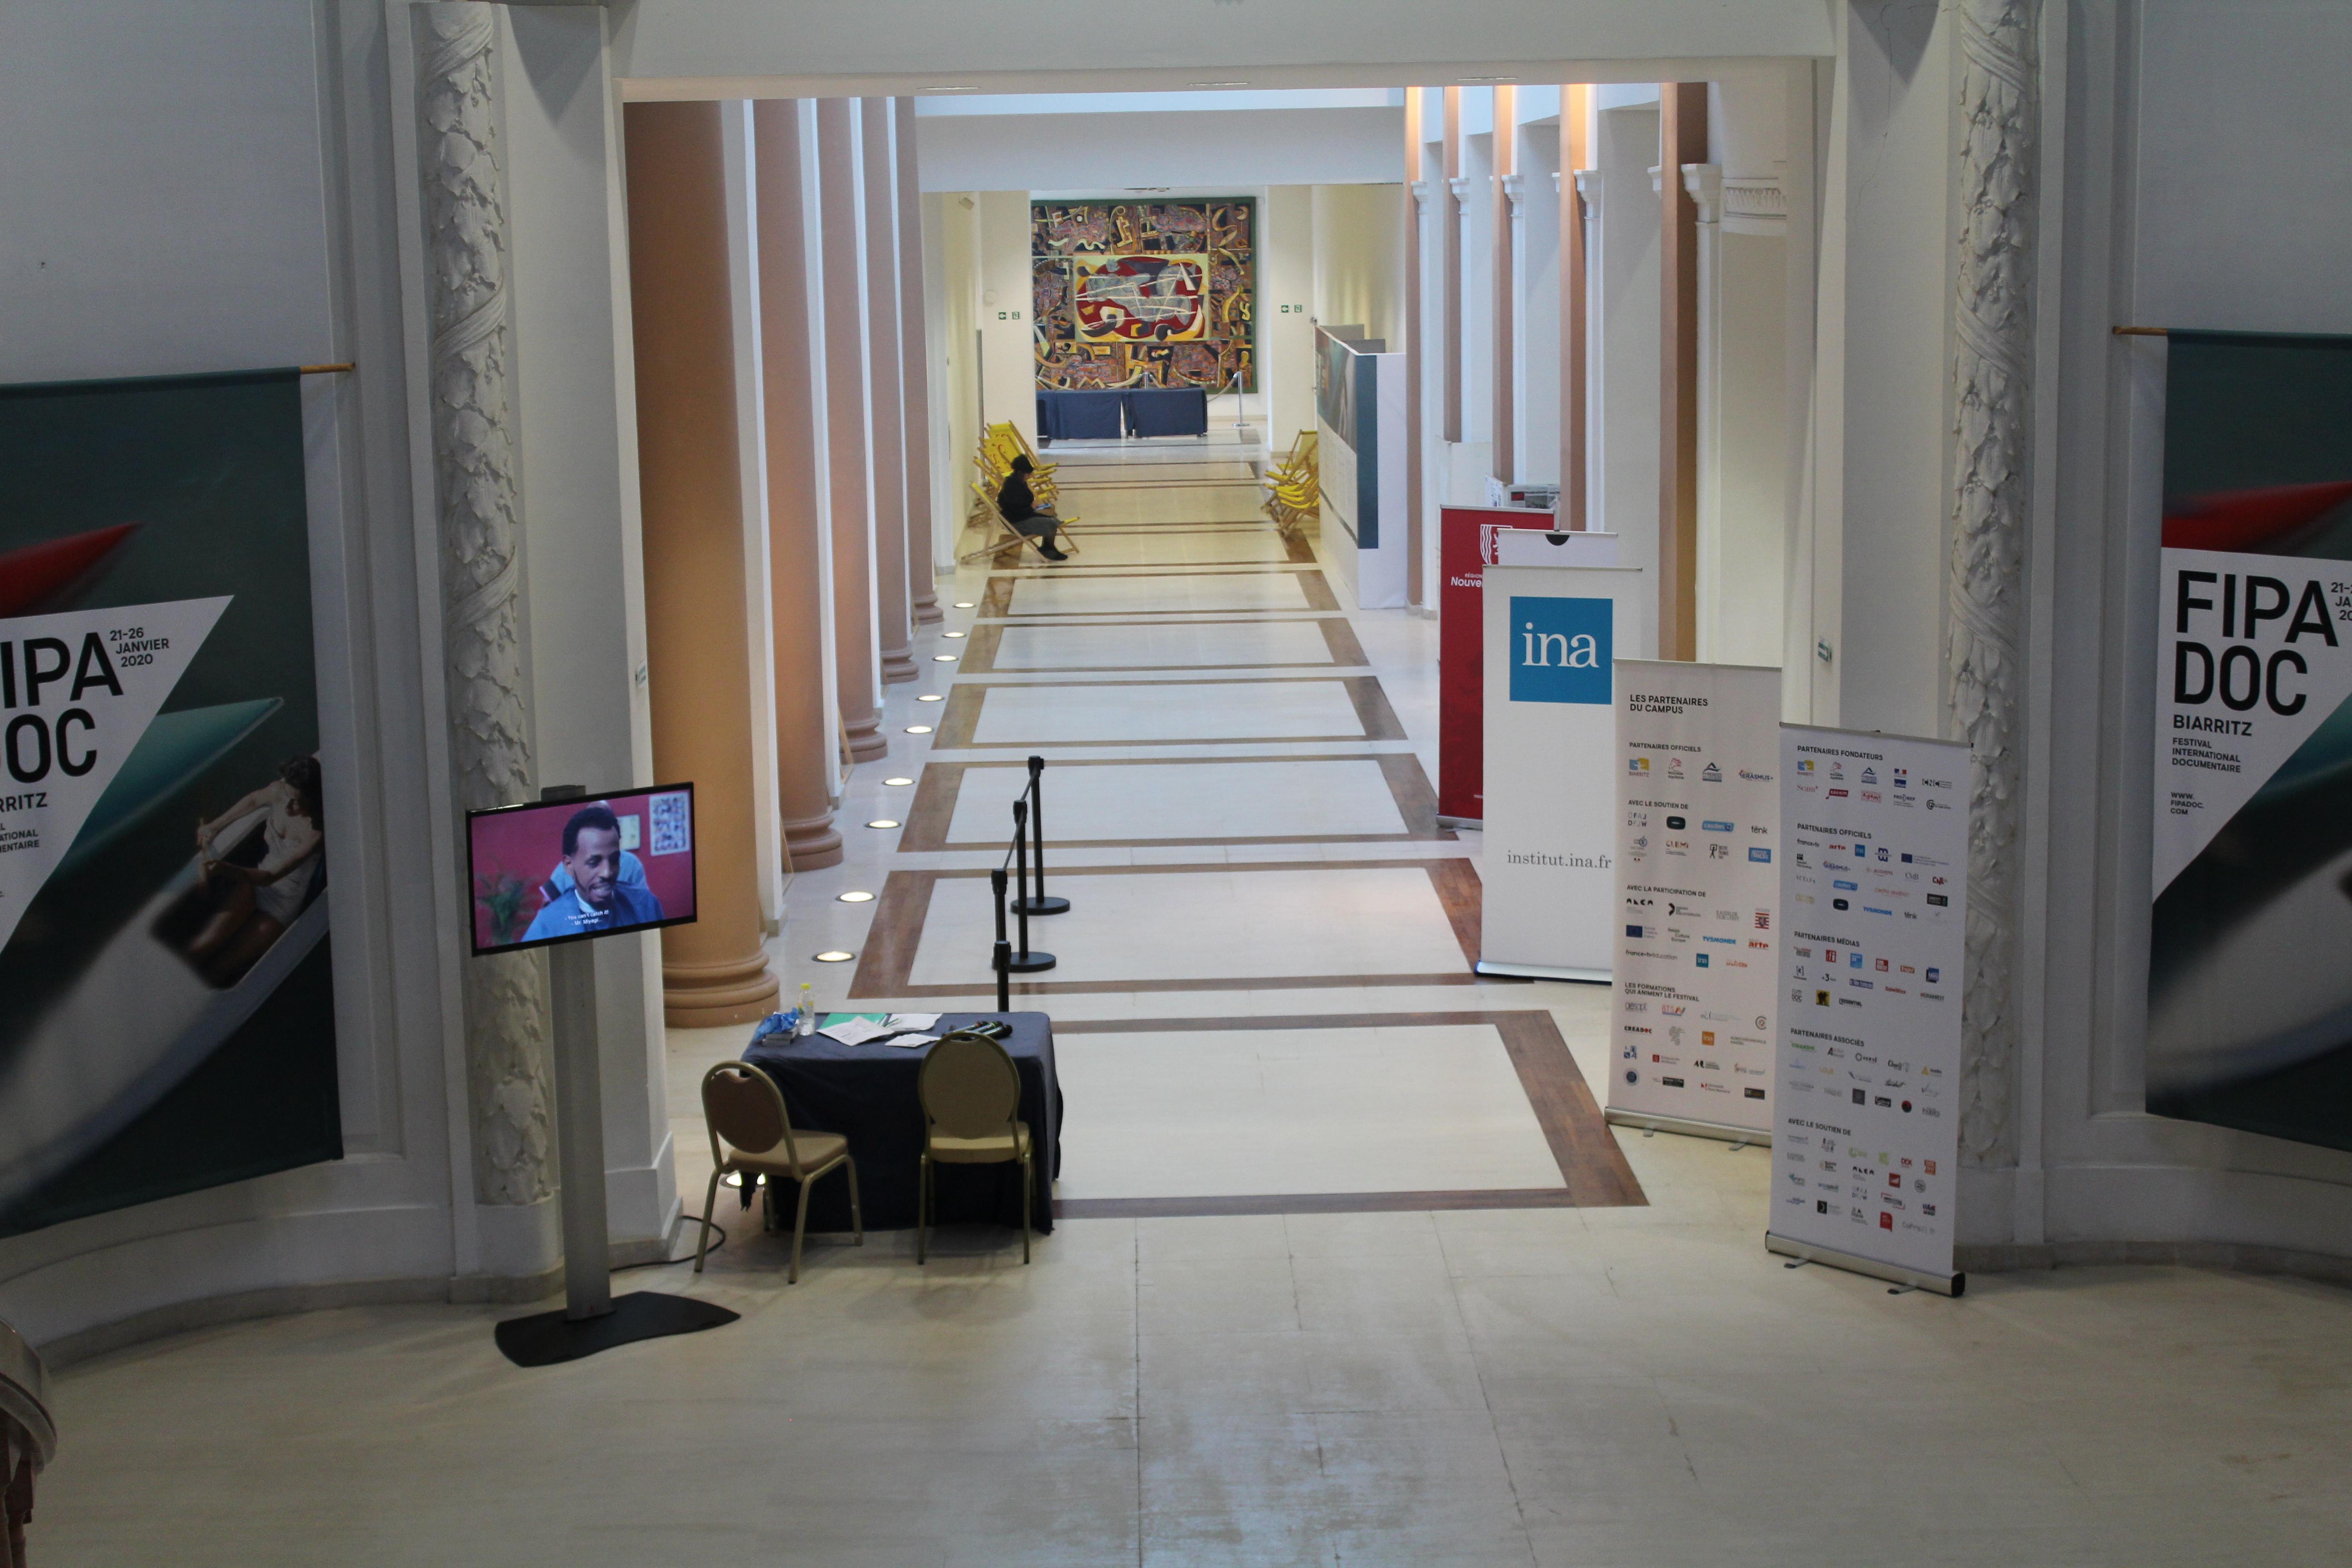 Le hall maintes fois traversé du Bellevue - © Le Blog du FIPADOC